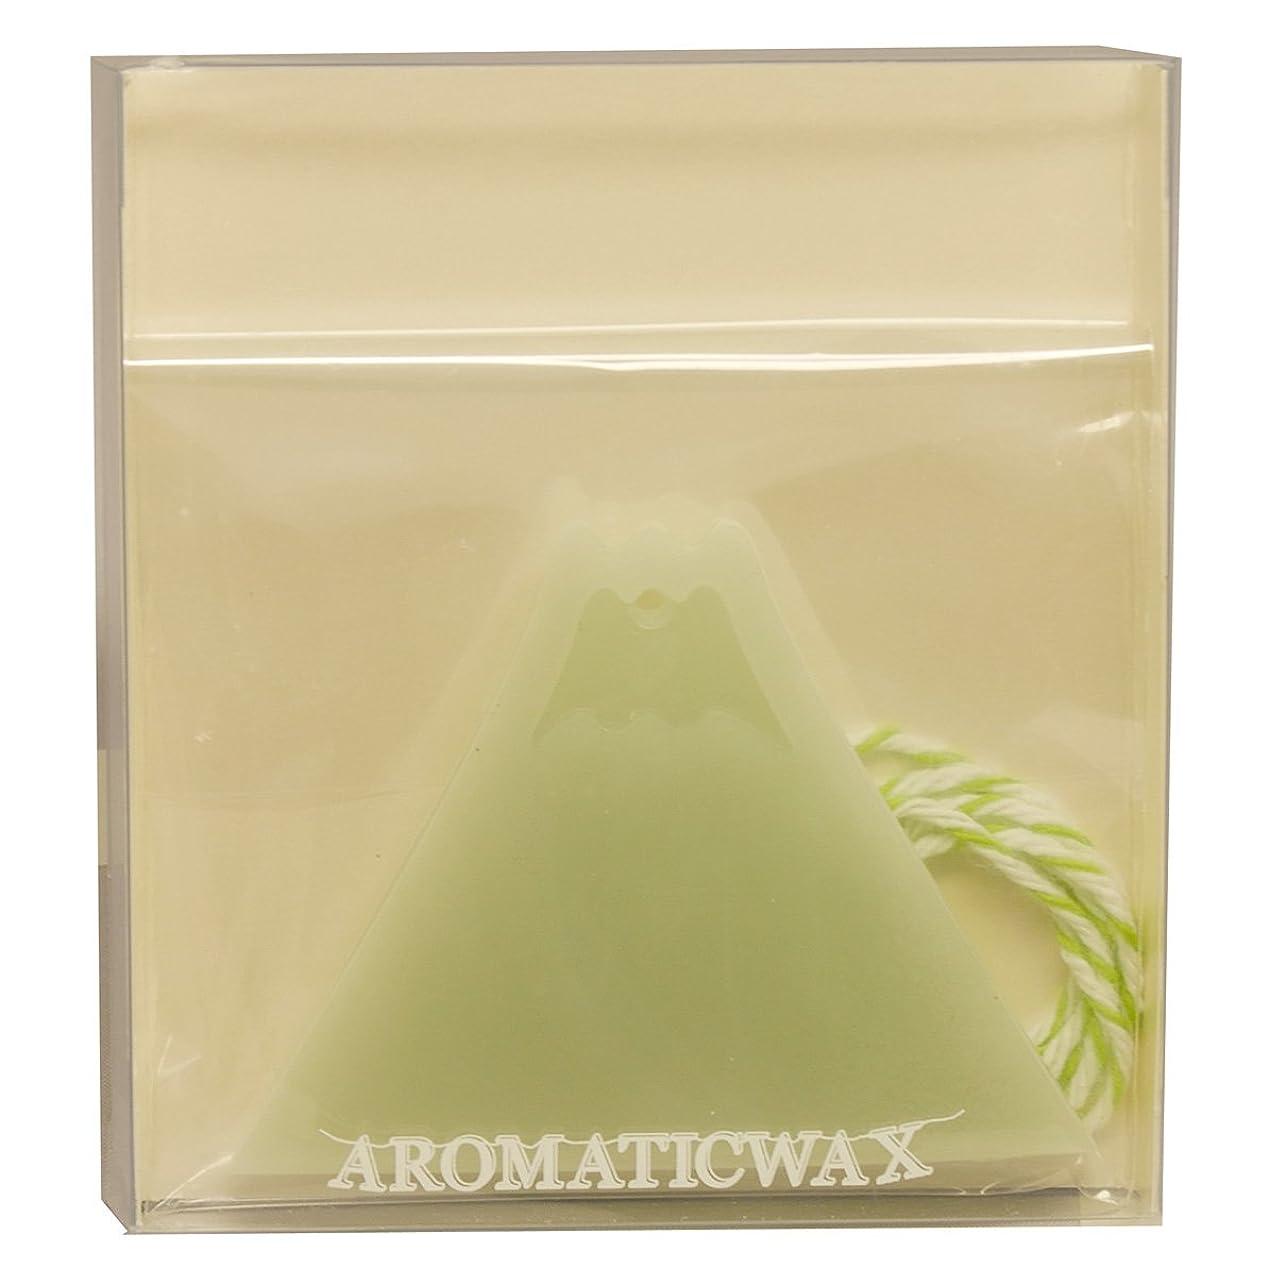 悩む独立してでもGRASSE TOKYO AROMATICWAXチャーム「富士山」(GR) レモングラス アロマティックワックス グラーストウキョウ